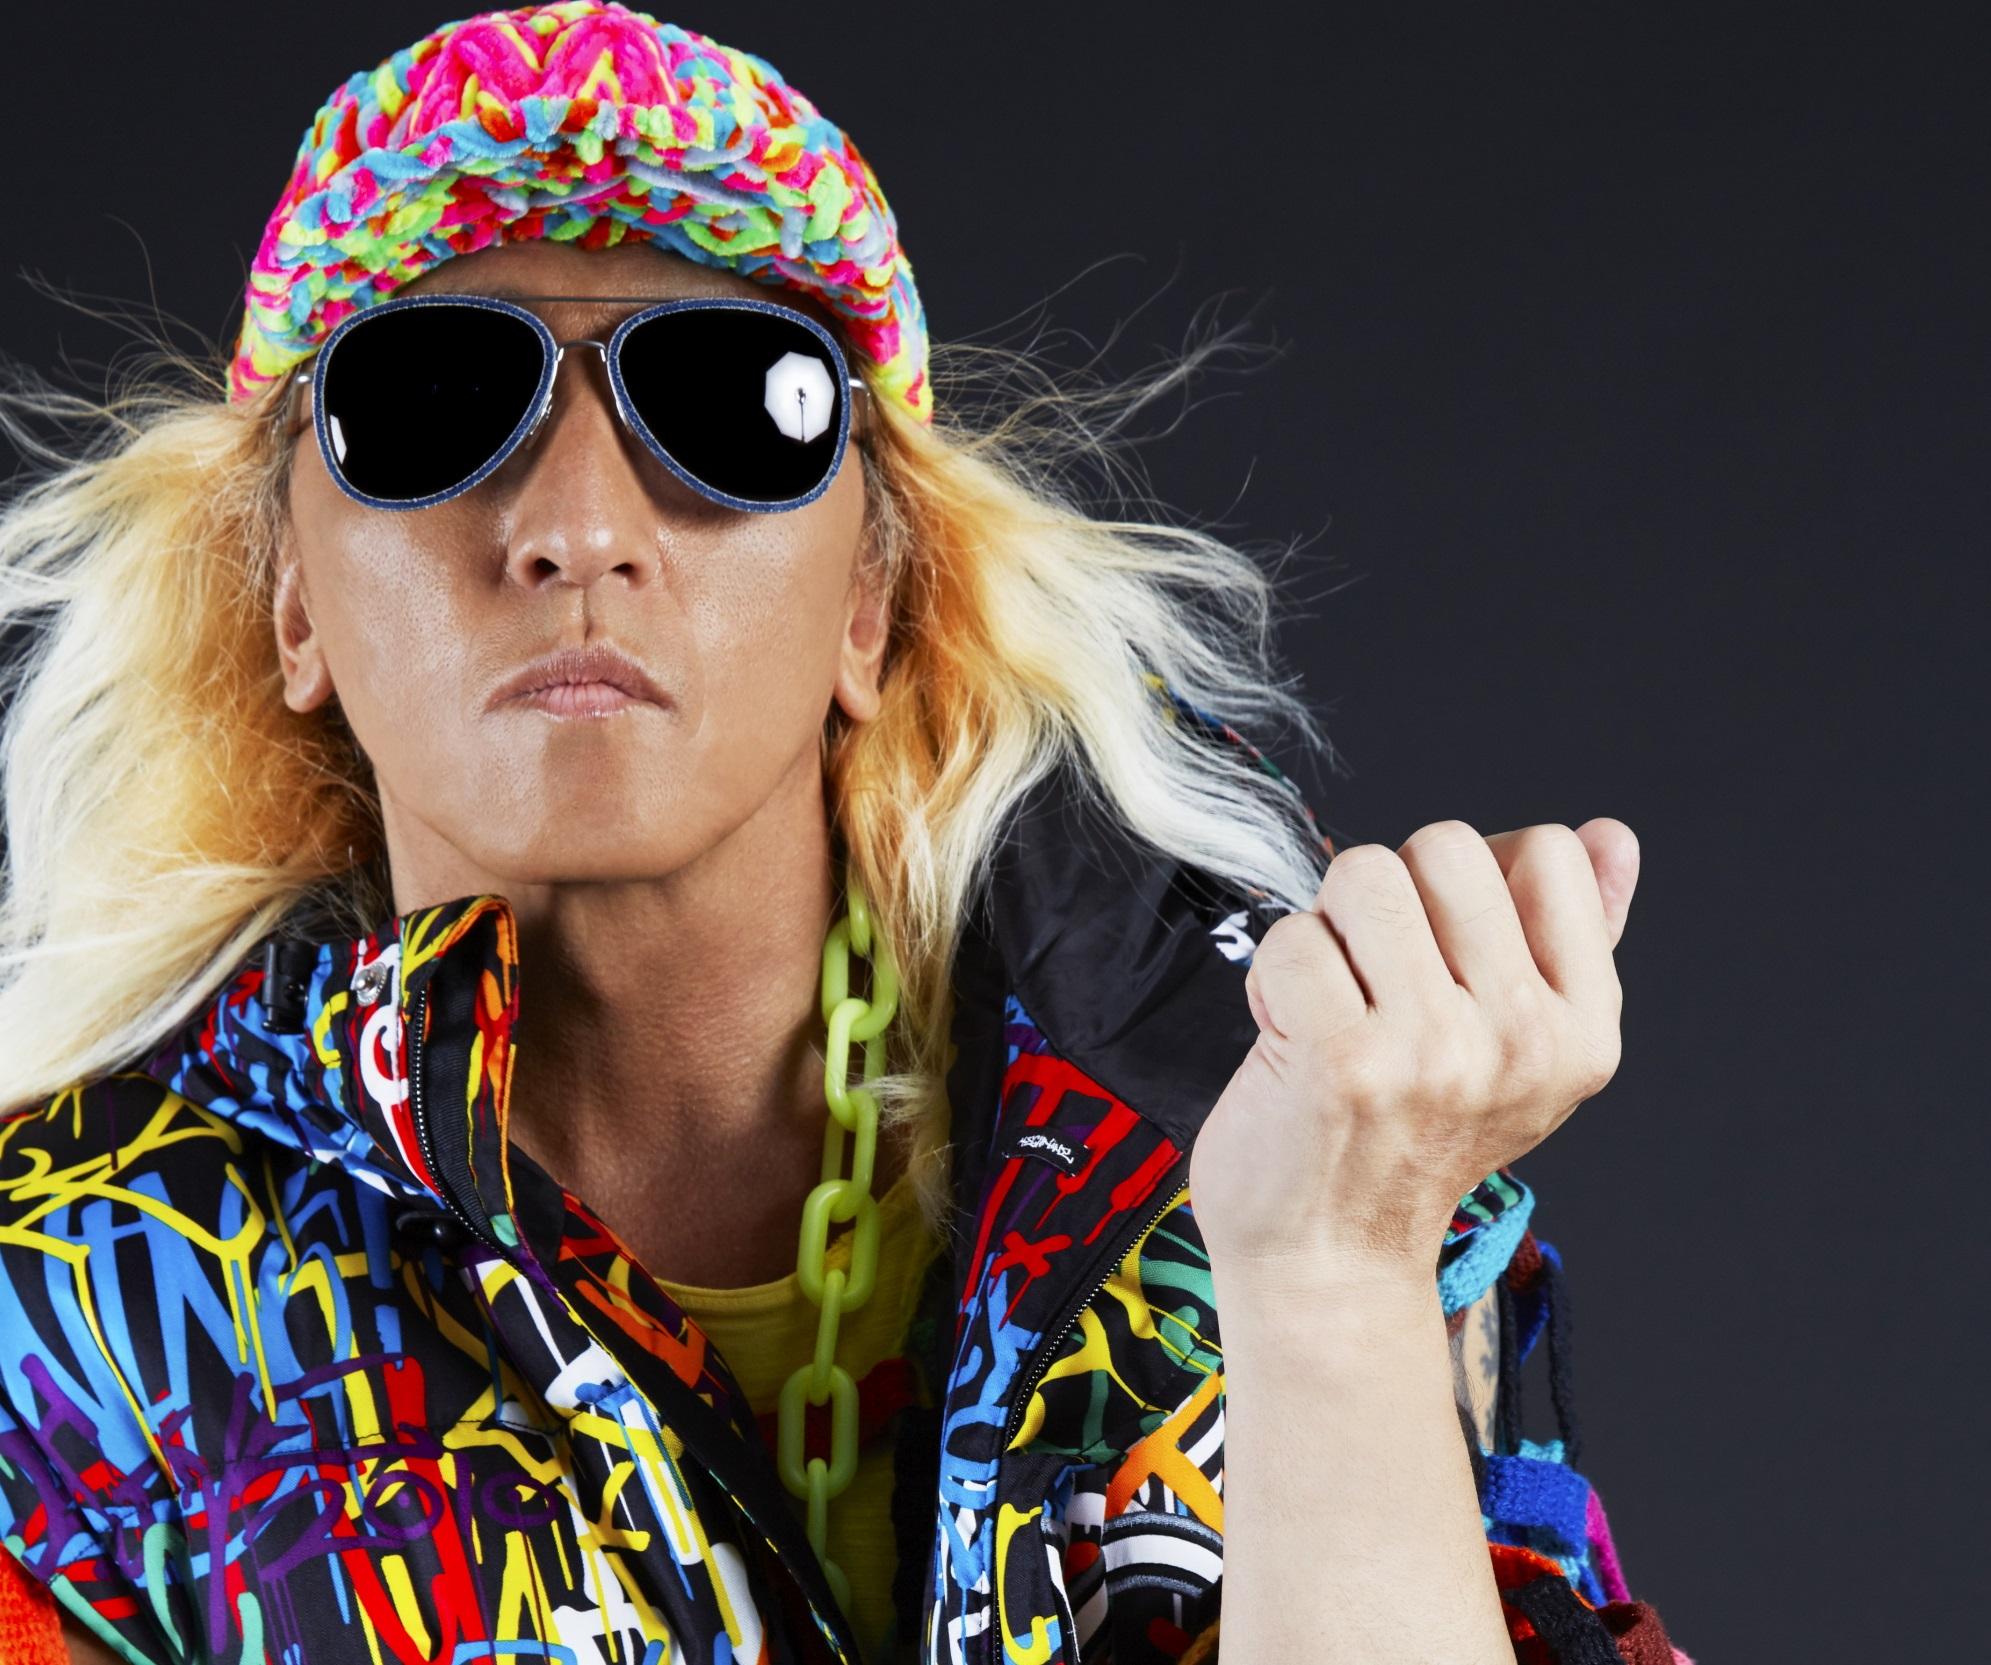 放送中                                                                                    TBSラジオ FM90.5 + AM954                                                    放送中人気DJから一転!月収5万円生活に…。DJ KOOさんの我流人生